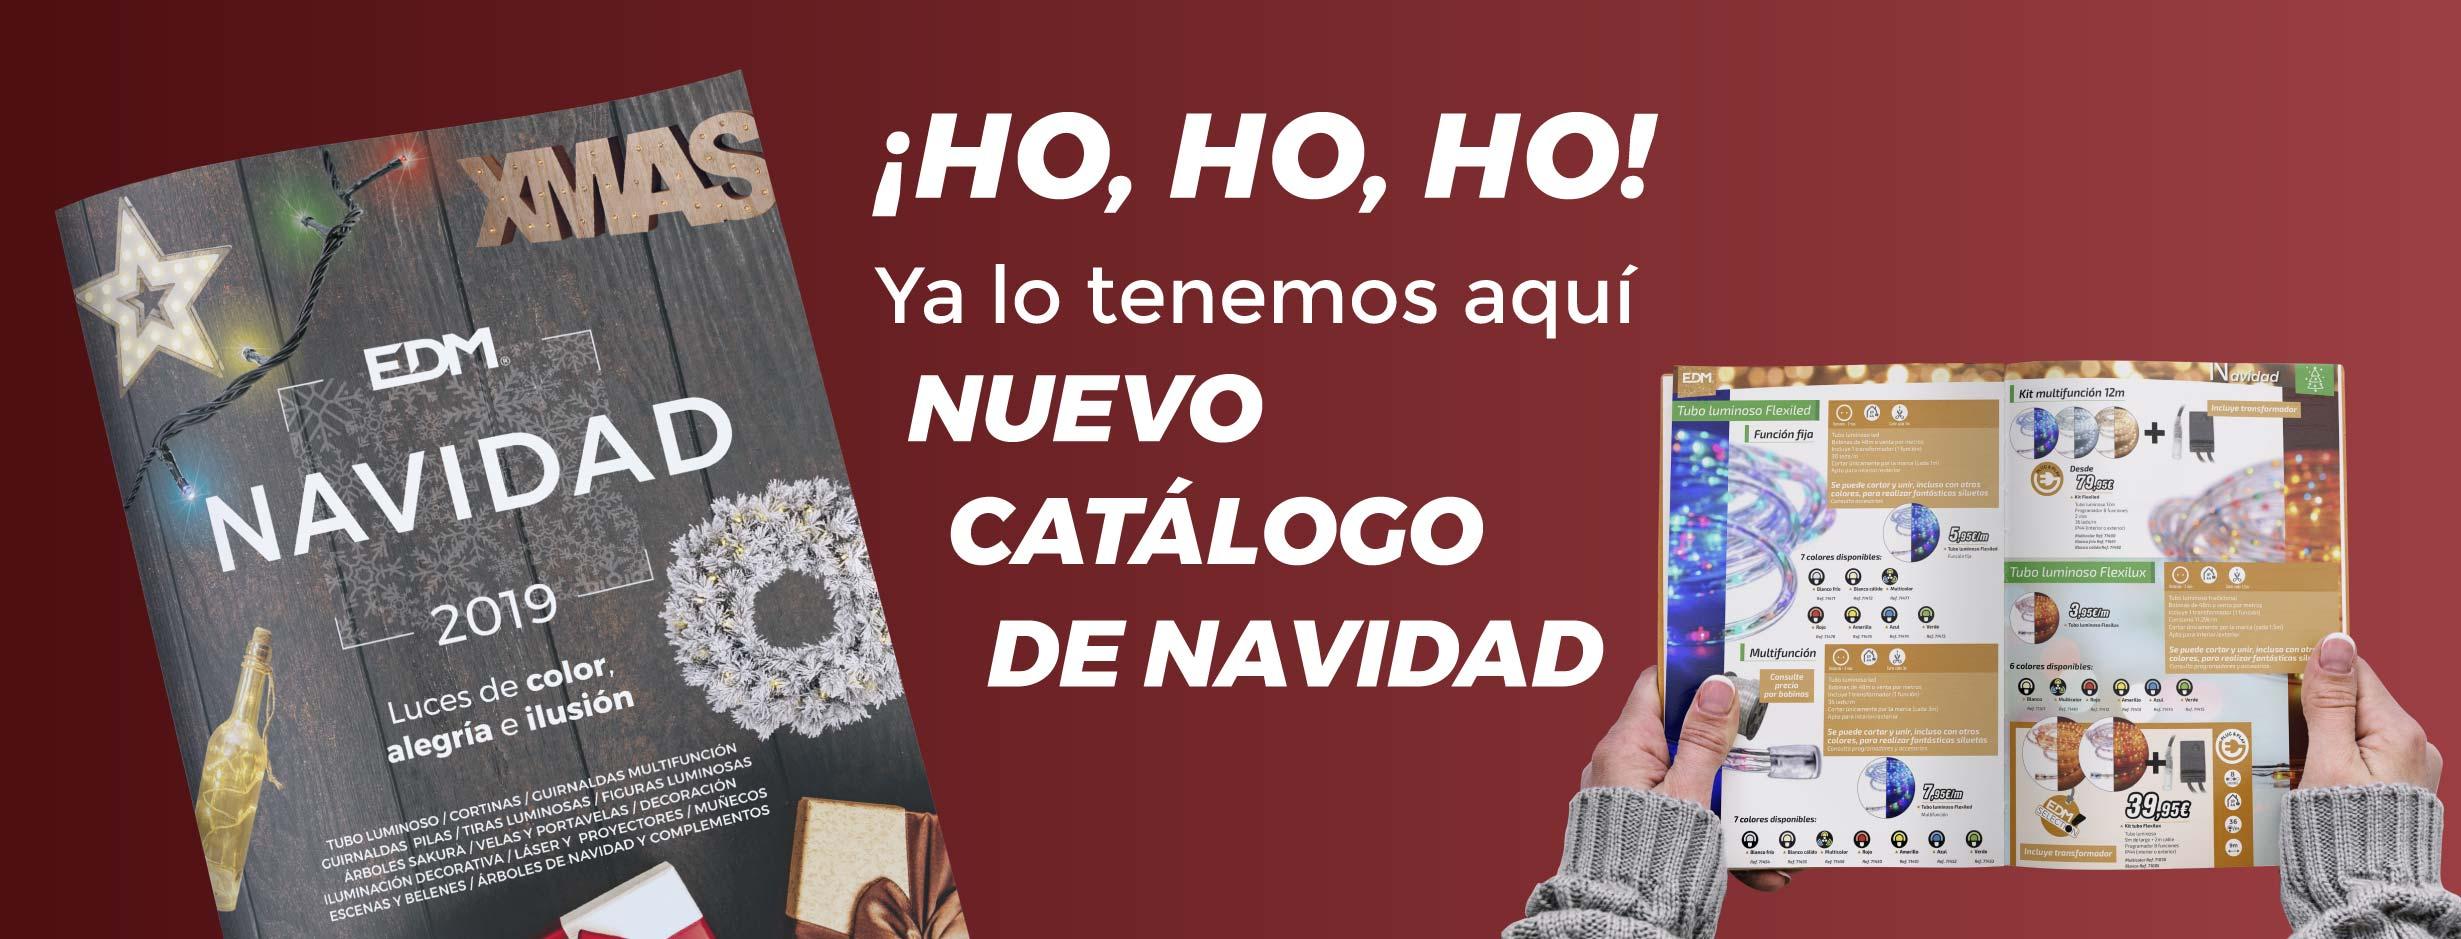 Novo catálogo de Natal 2019